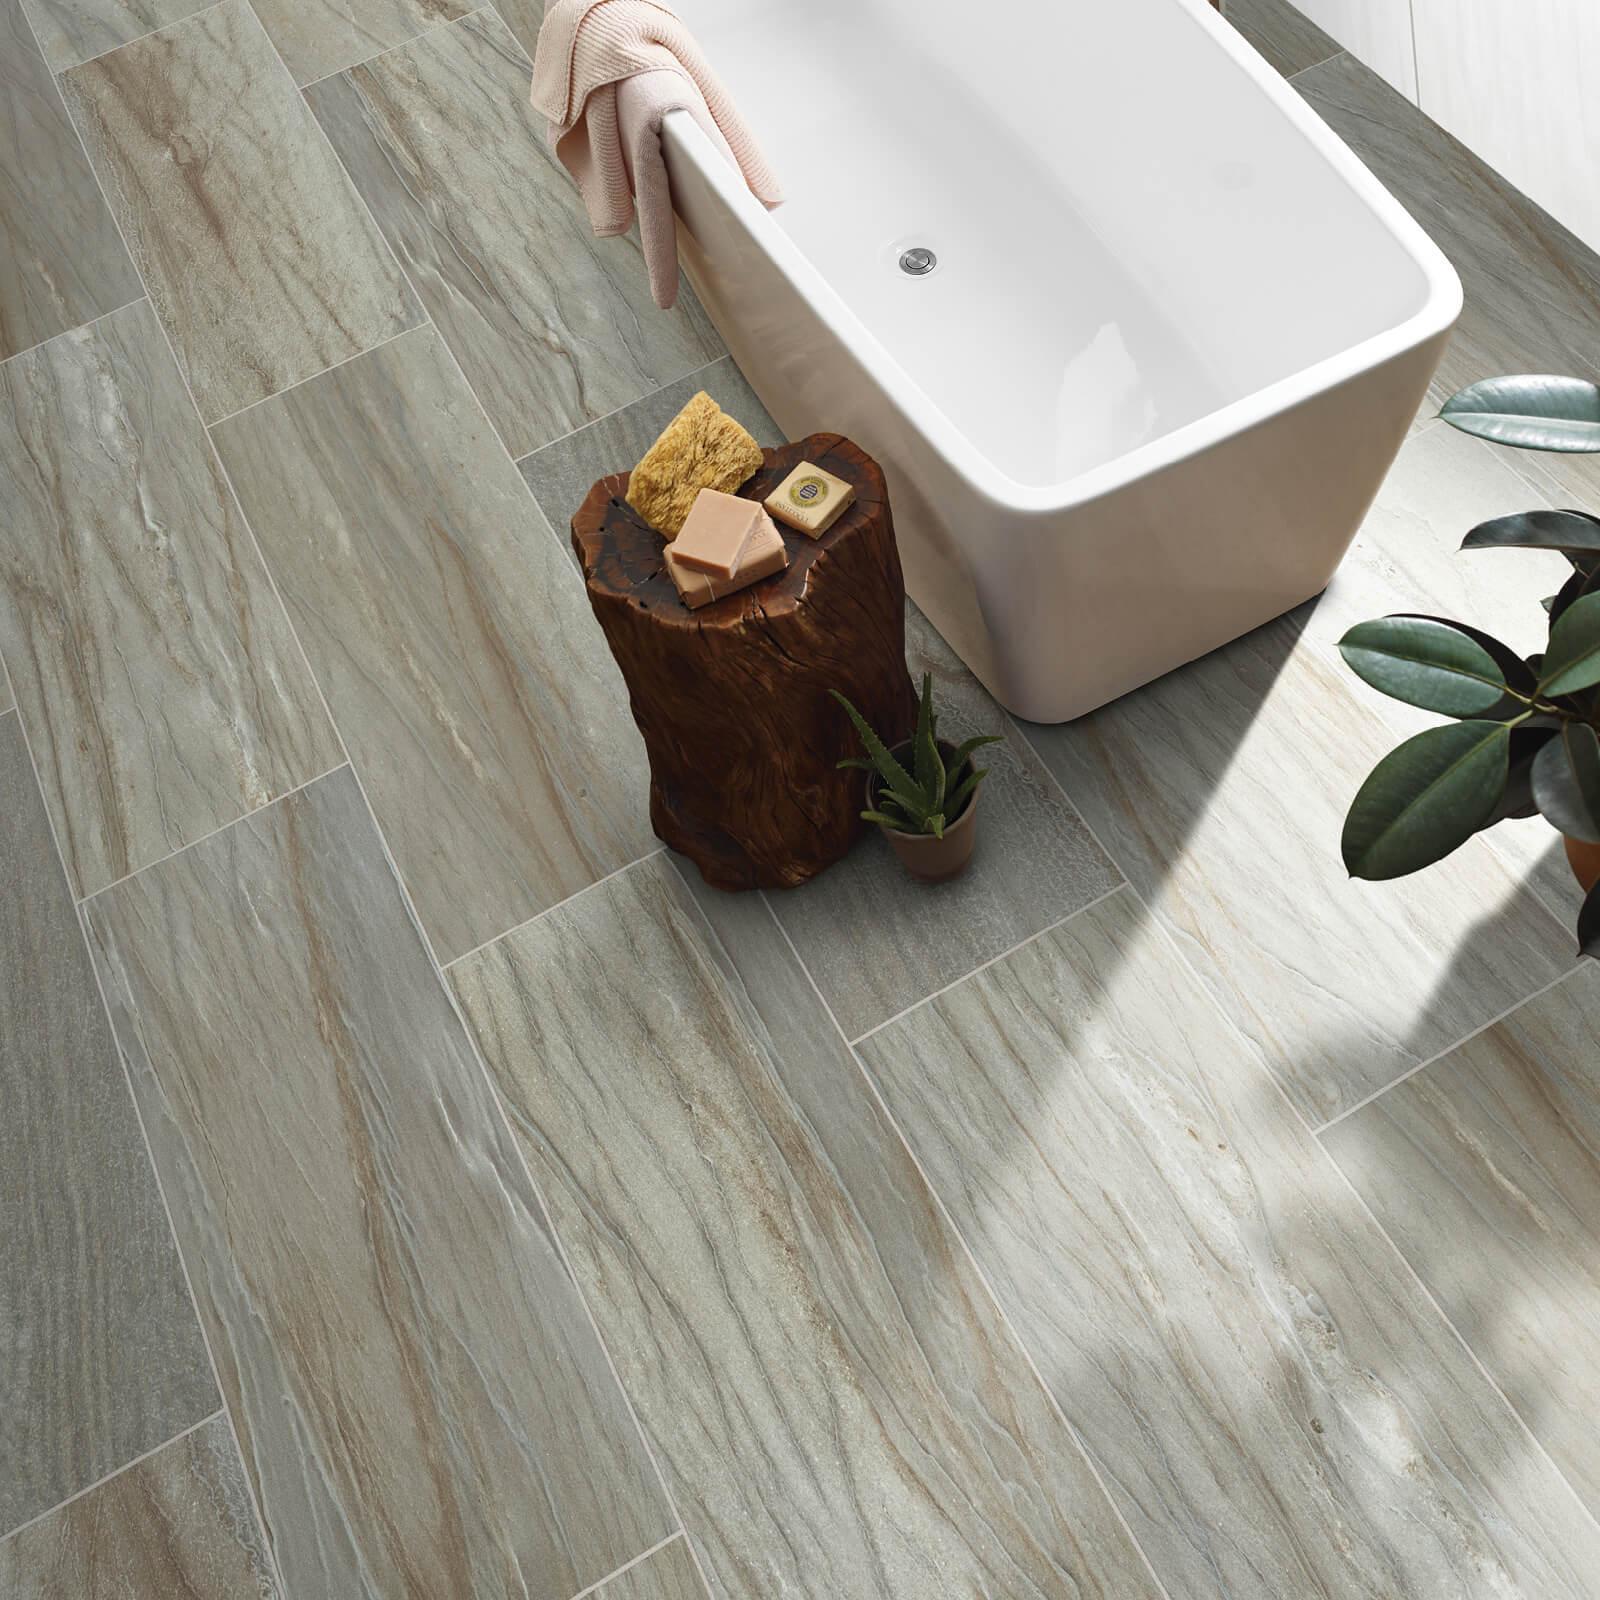 Sanctuary bathroom tile | J/K Carpet Center, Inc